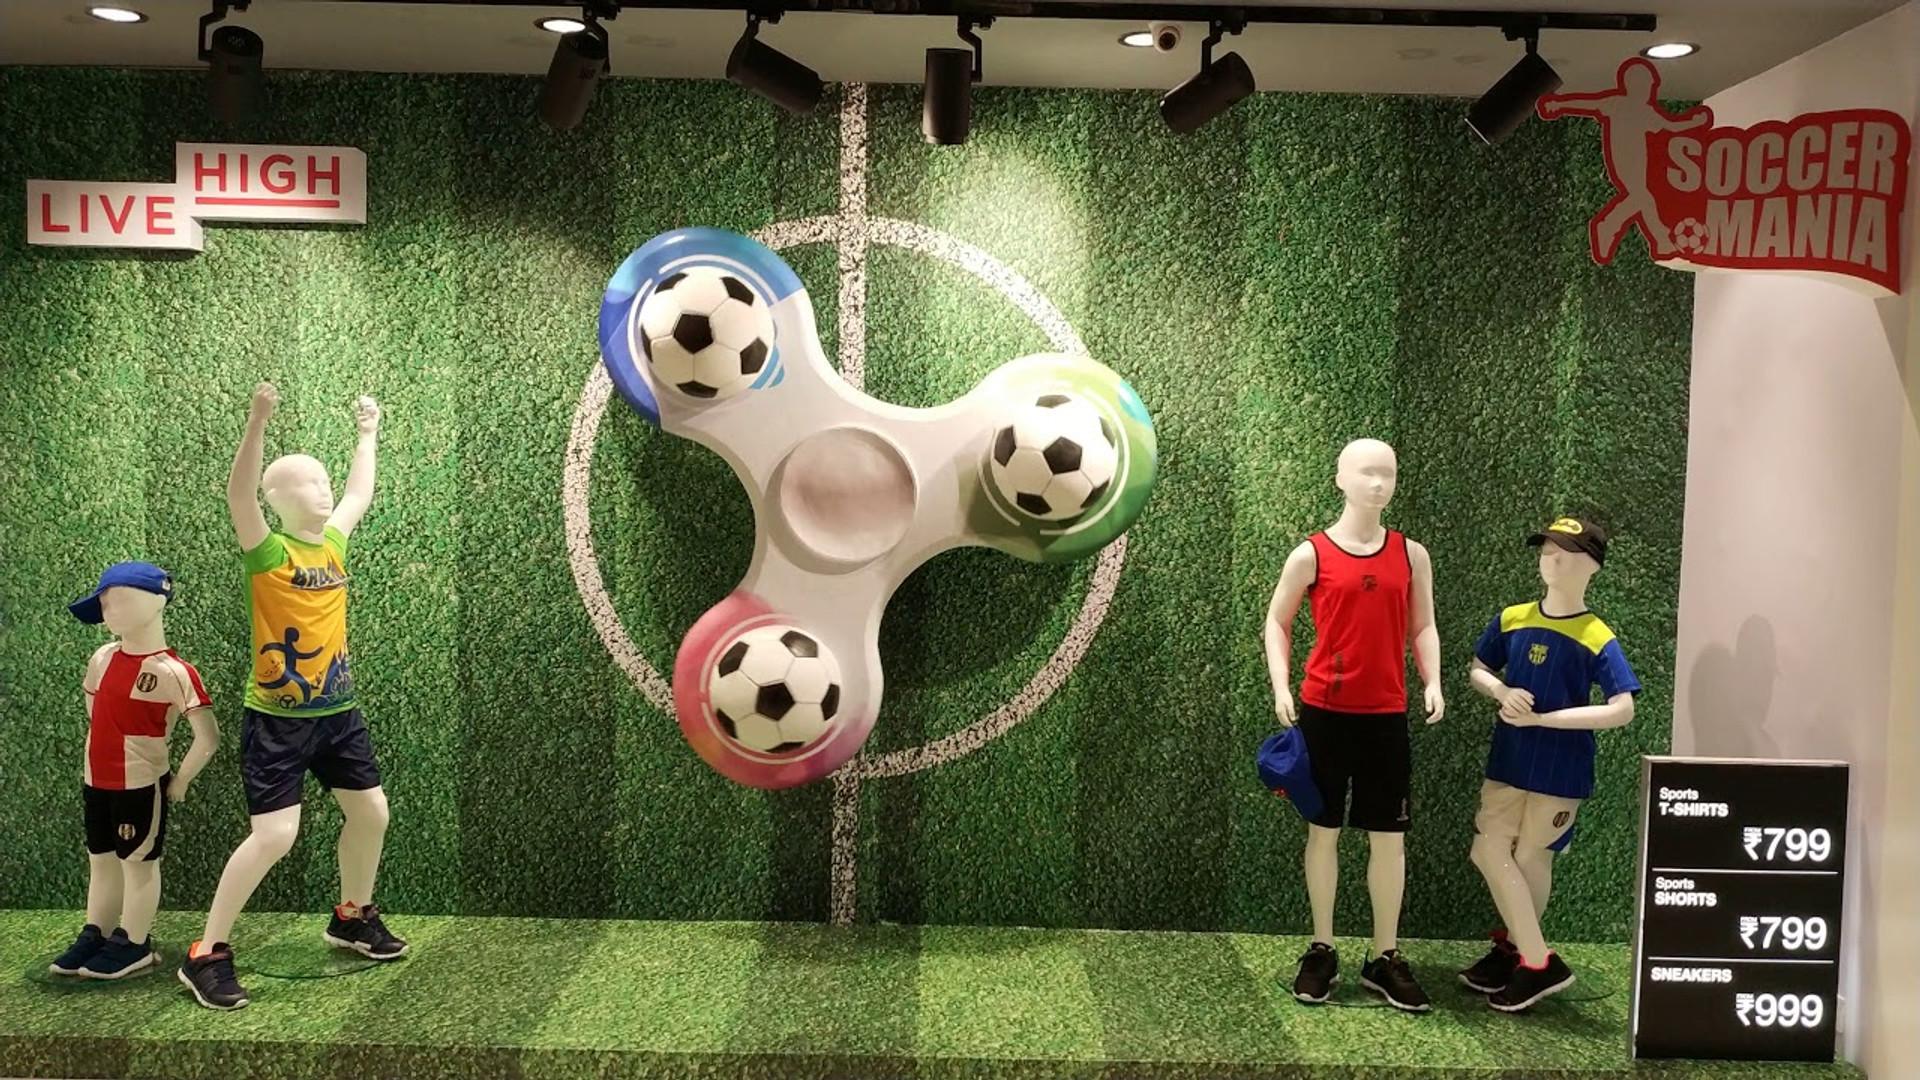 RETAIL 4 GROWTH_Lifestyle FIFA